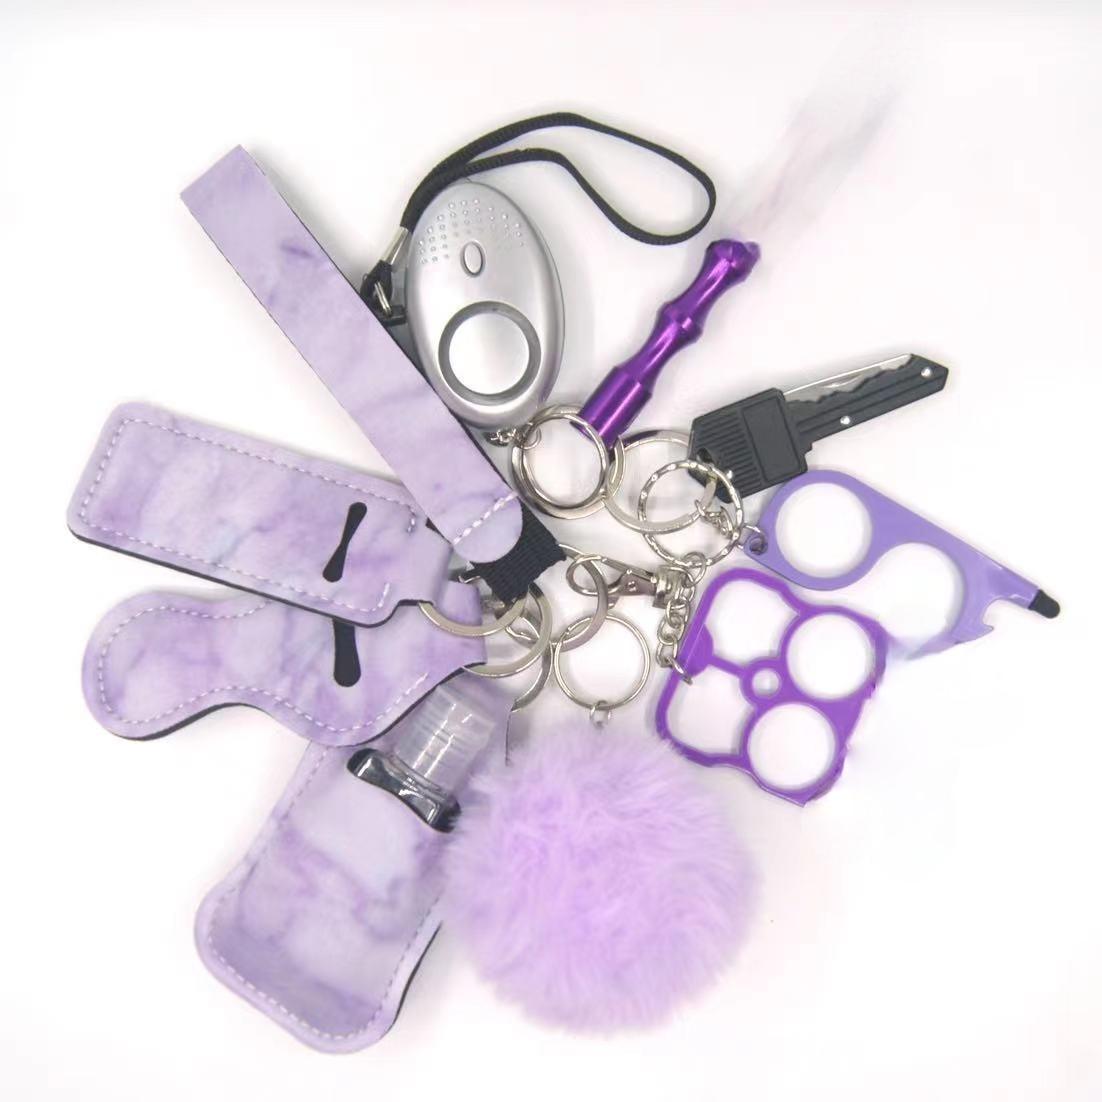 2021 Женская сигнализация набор персональных брелоков для самозащиты, будильник, брелок для самозащиты, безопасность для девочек